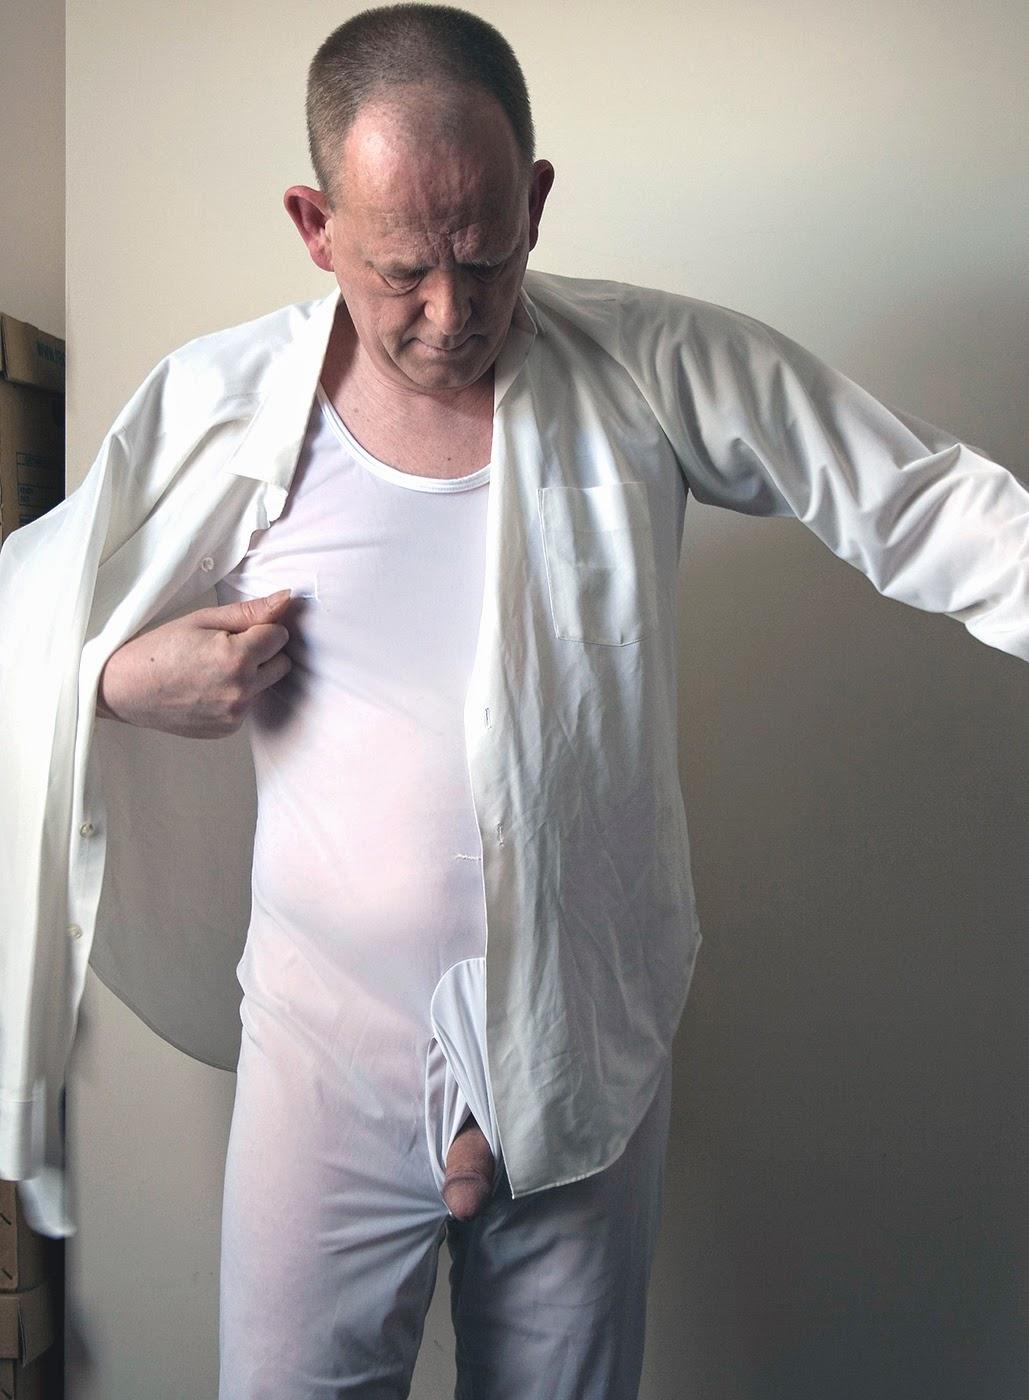 Pee in silky underwear 8